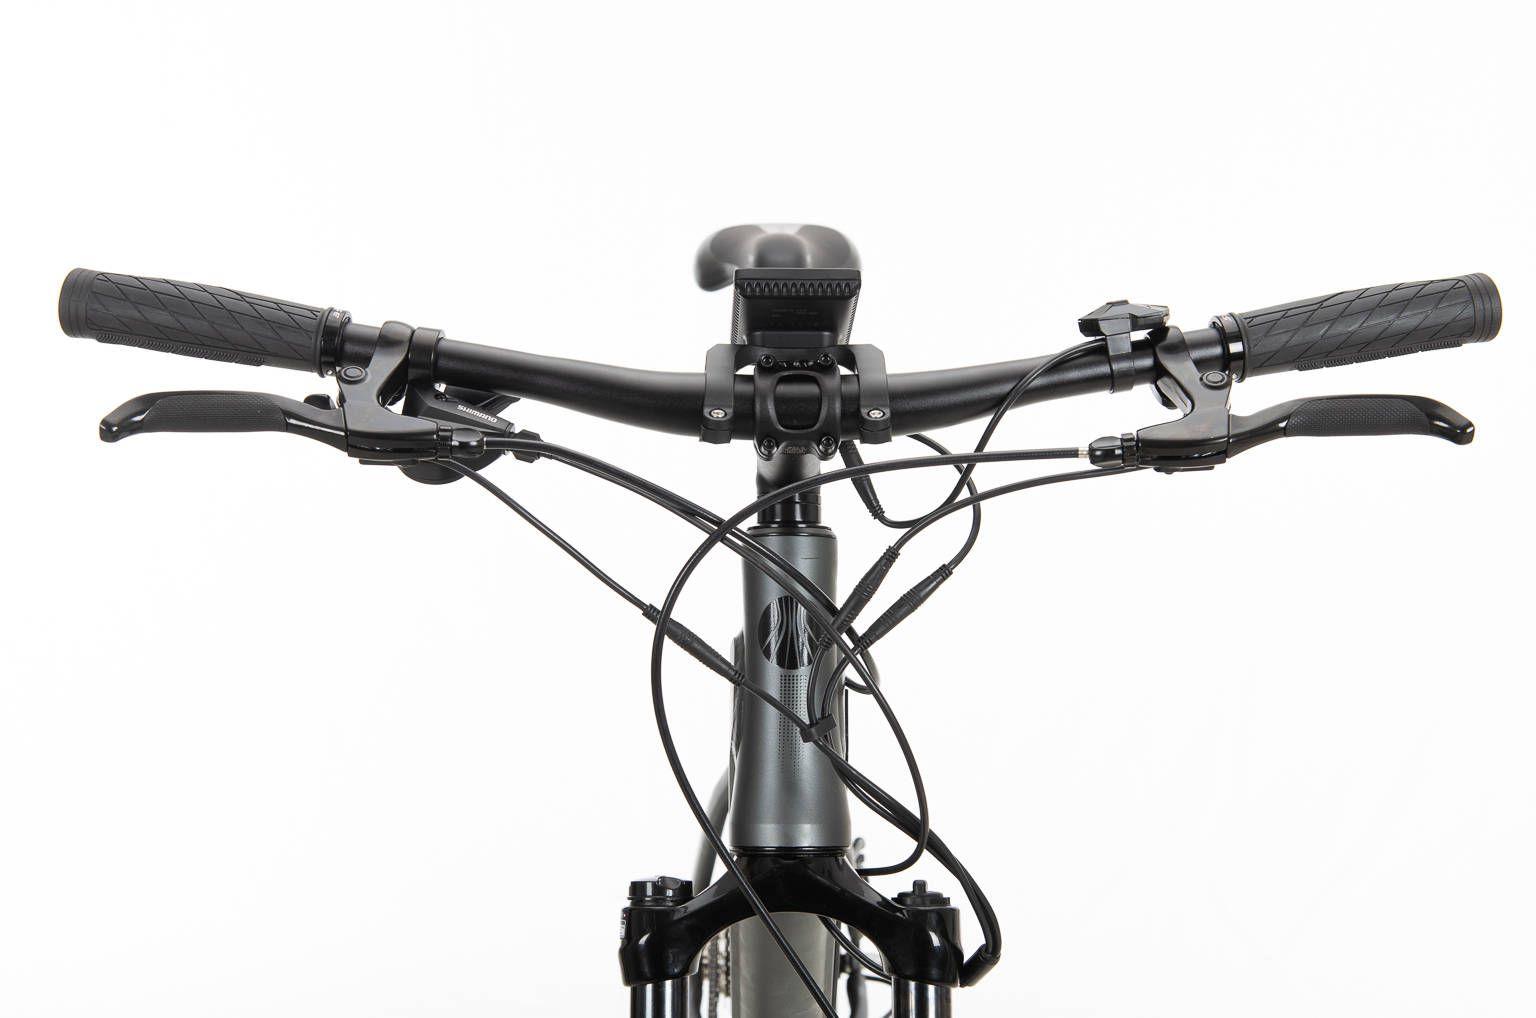 Bicicleta Eletrica Sense 27.5 Impulse Preta Alum 2020 350W  ( Mostruário )